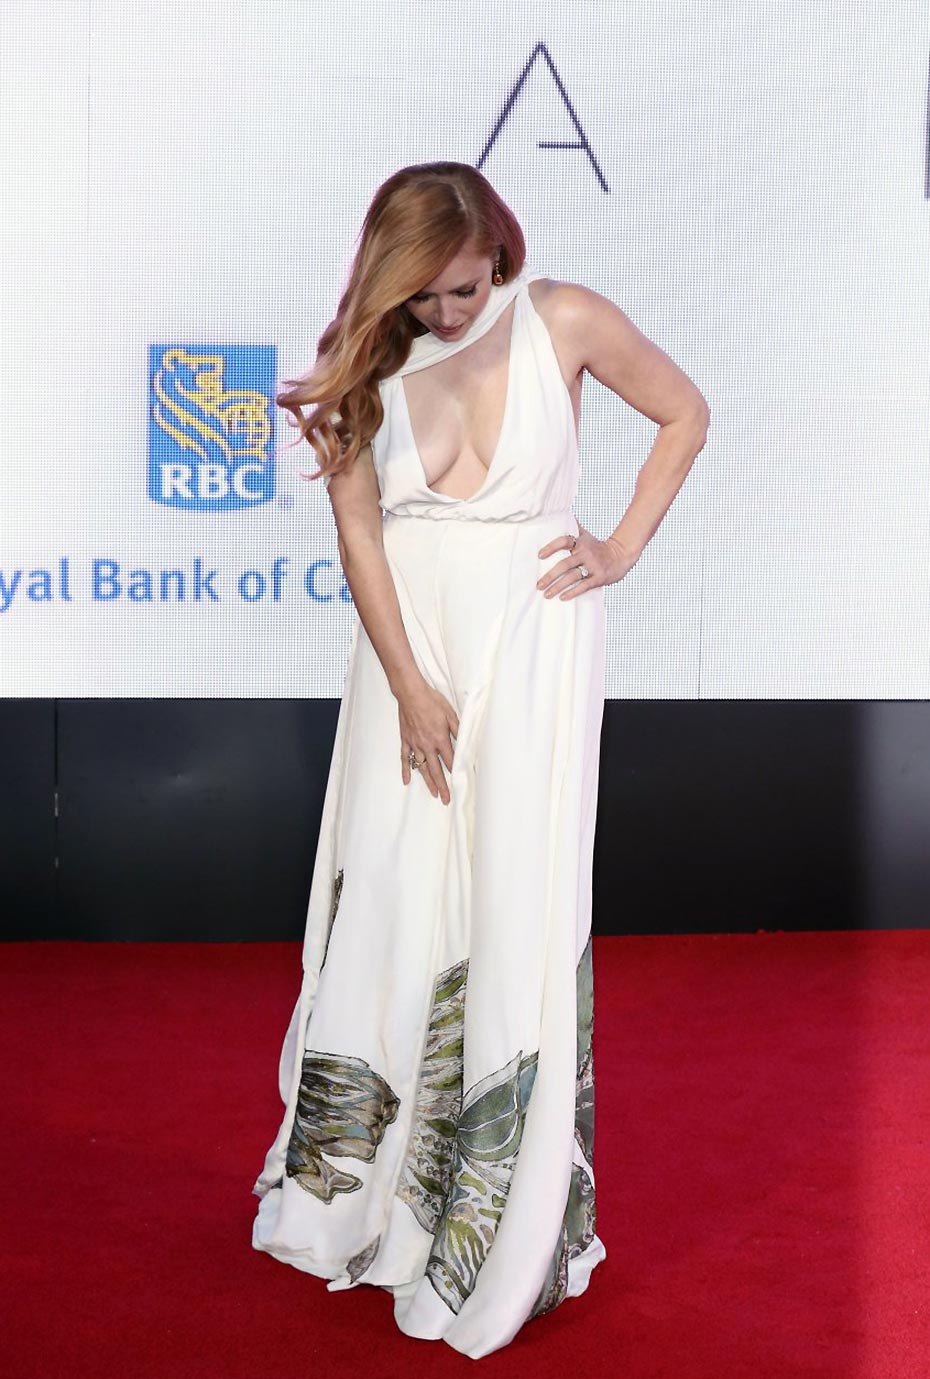 NuCe - Nude Celebs: Amy Smart nude HD